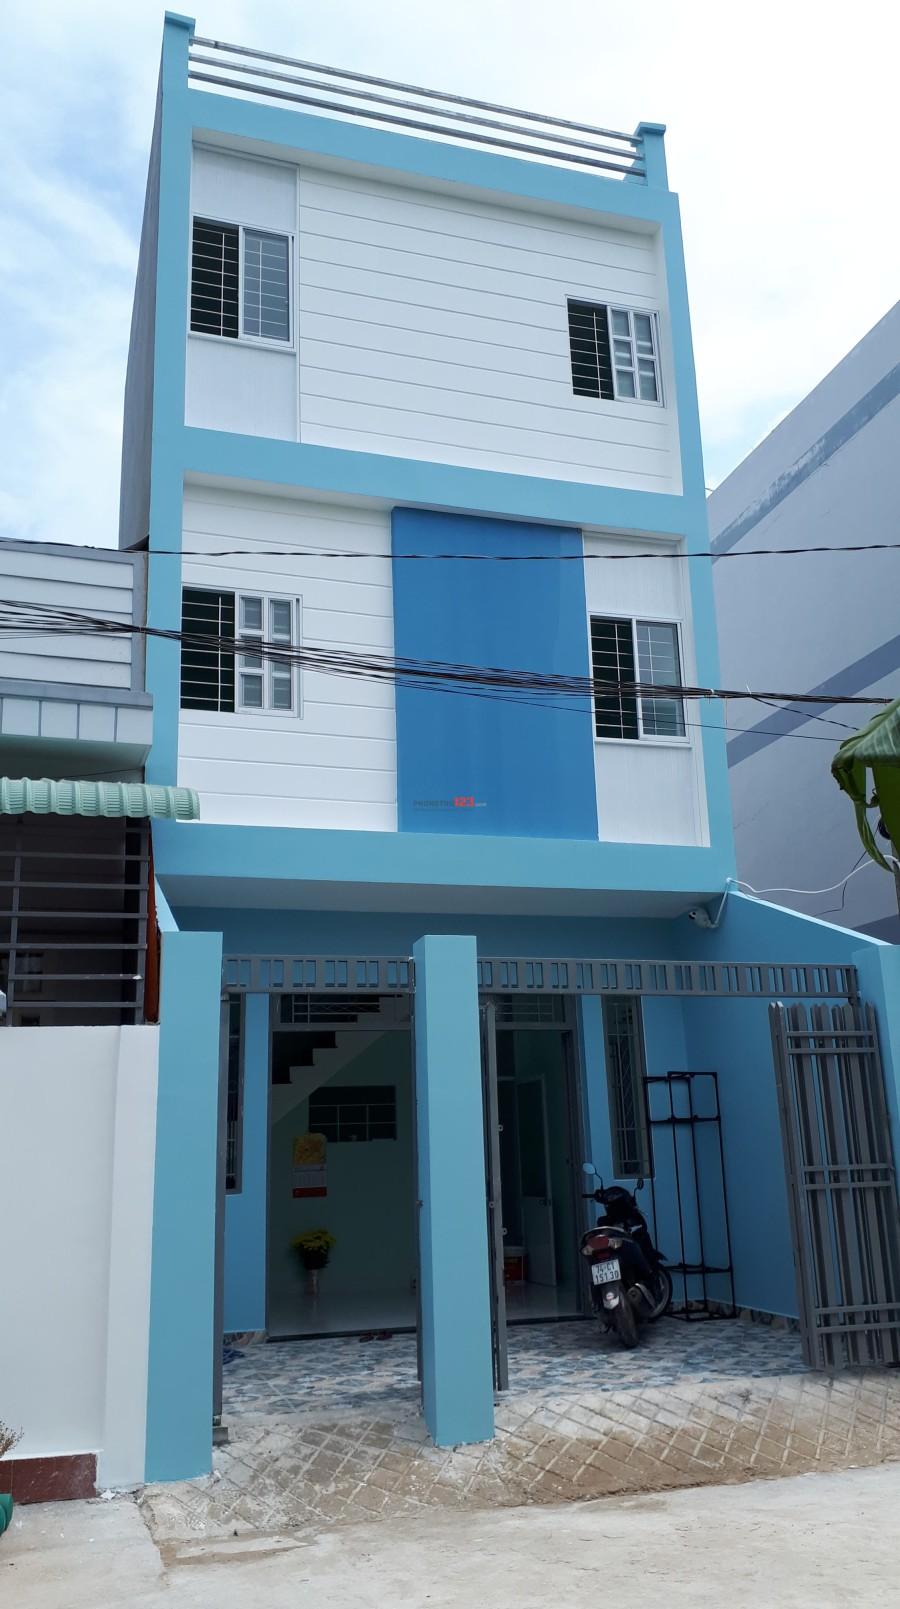 Cho thuê phòng trọ trong nhà mới xây tại mầm non Đồng Xanh, Nguyễn Văn Tạo